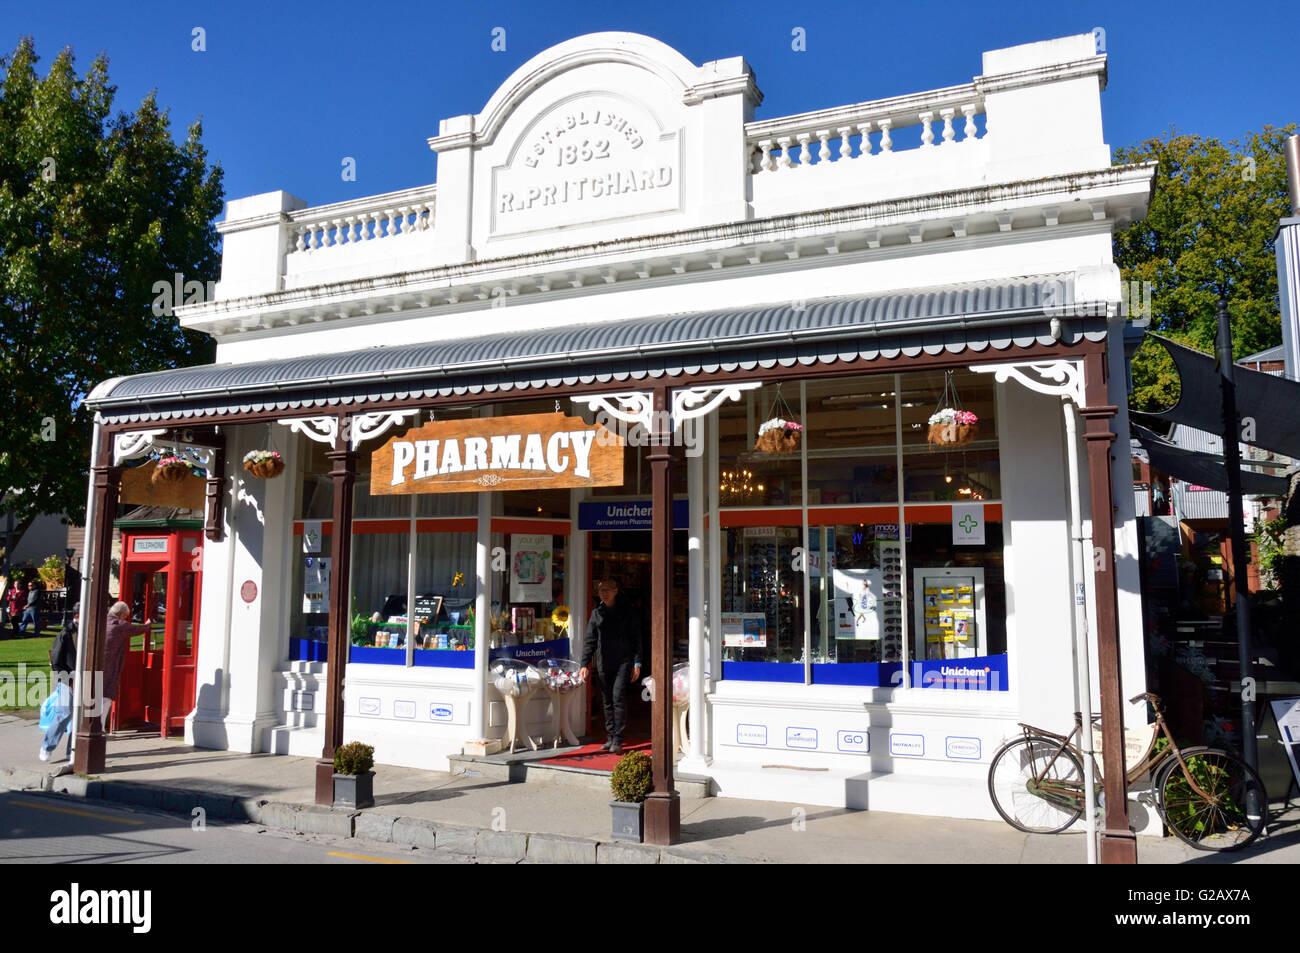 Arrowtown Pharmacy Stock Photo